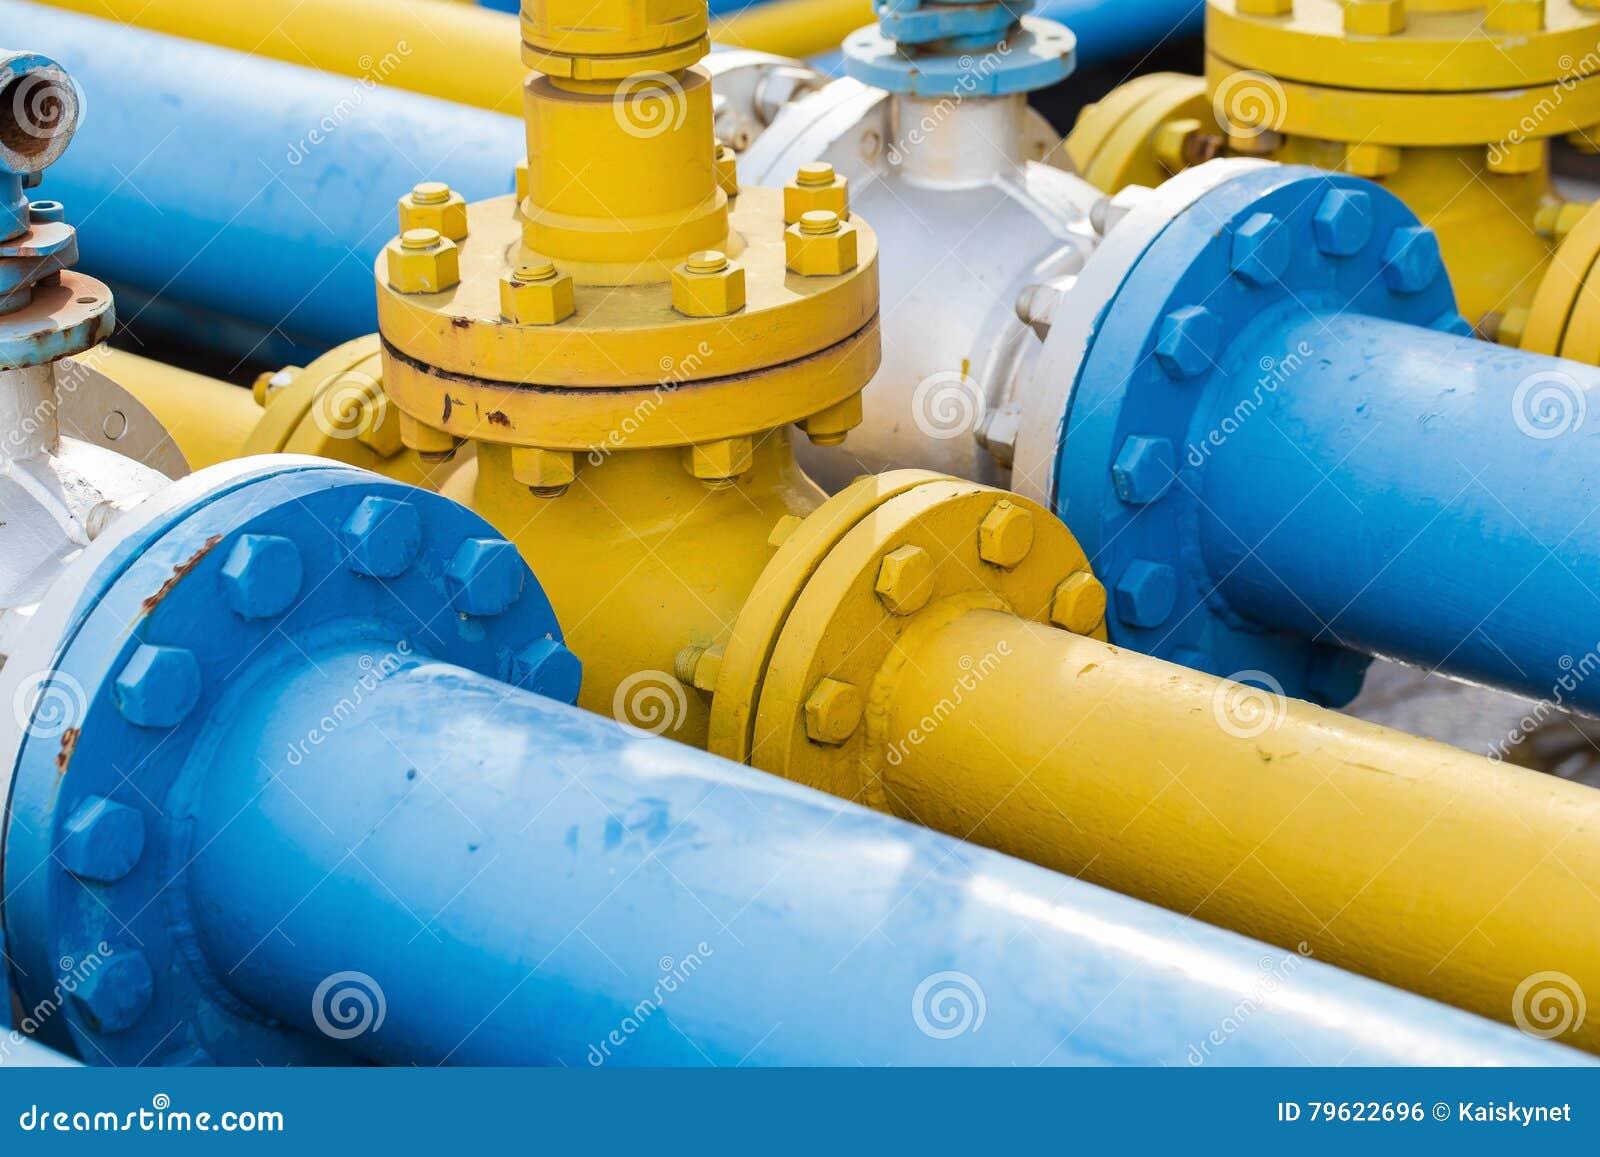 Válvulas na planta de gás, foco seletivo de válvula de segurança da pressão